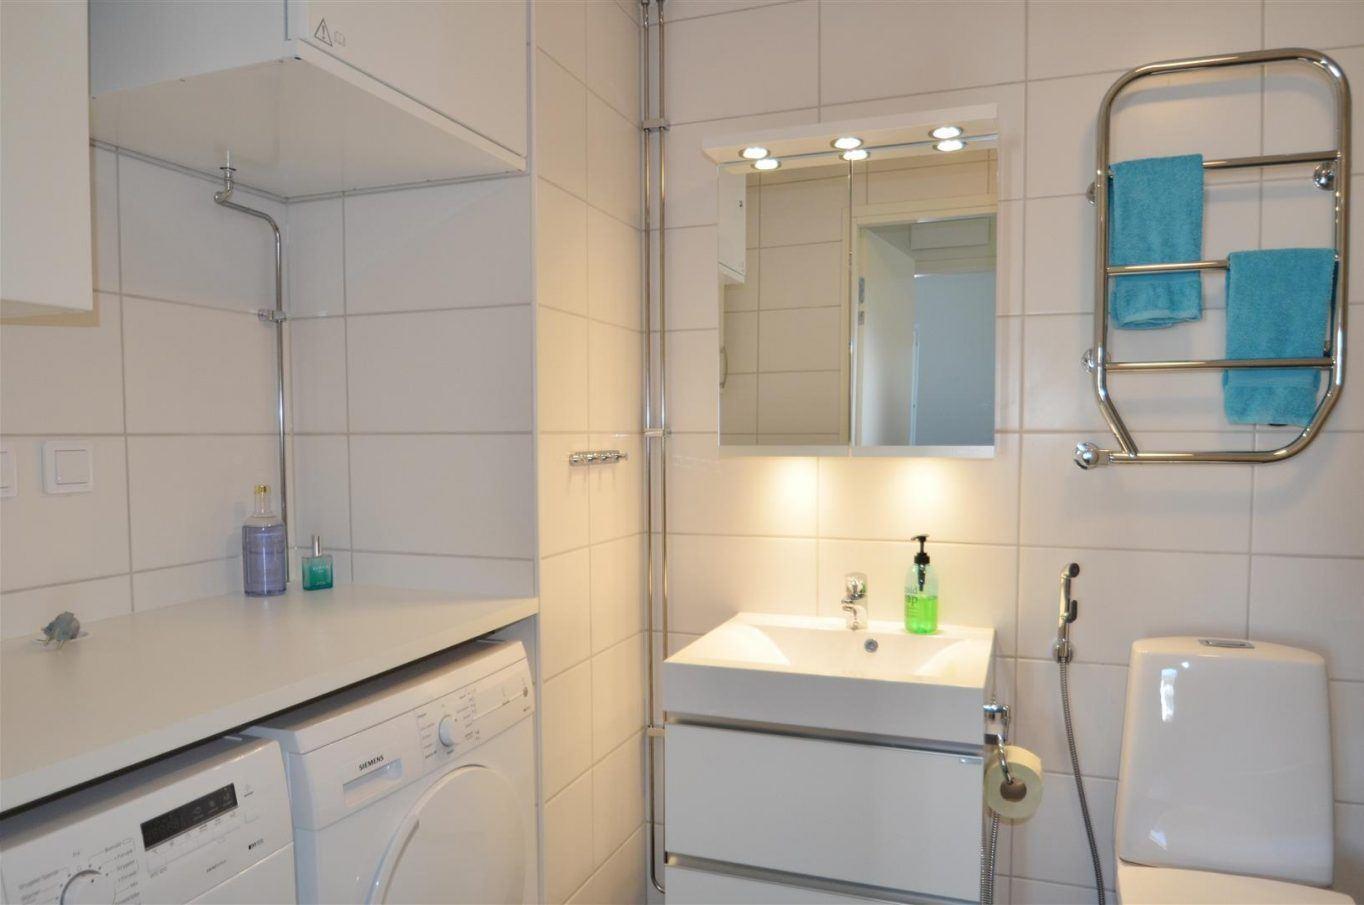 Lägenhet om 1 rum & kök vid Lotsgatan 5 i Marieham